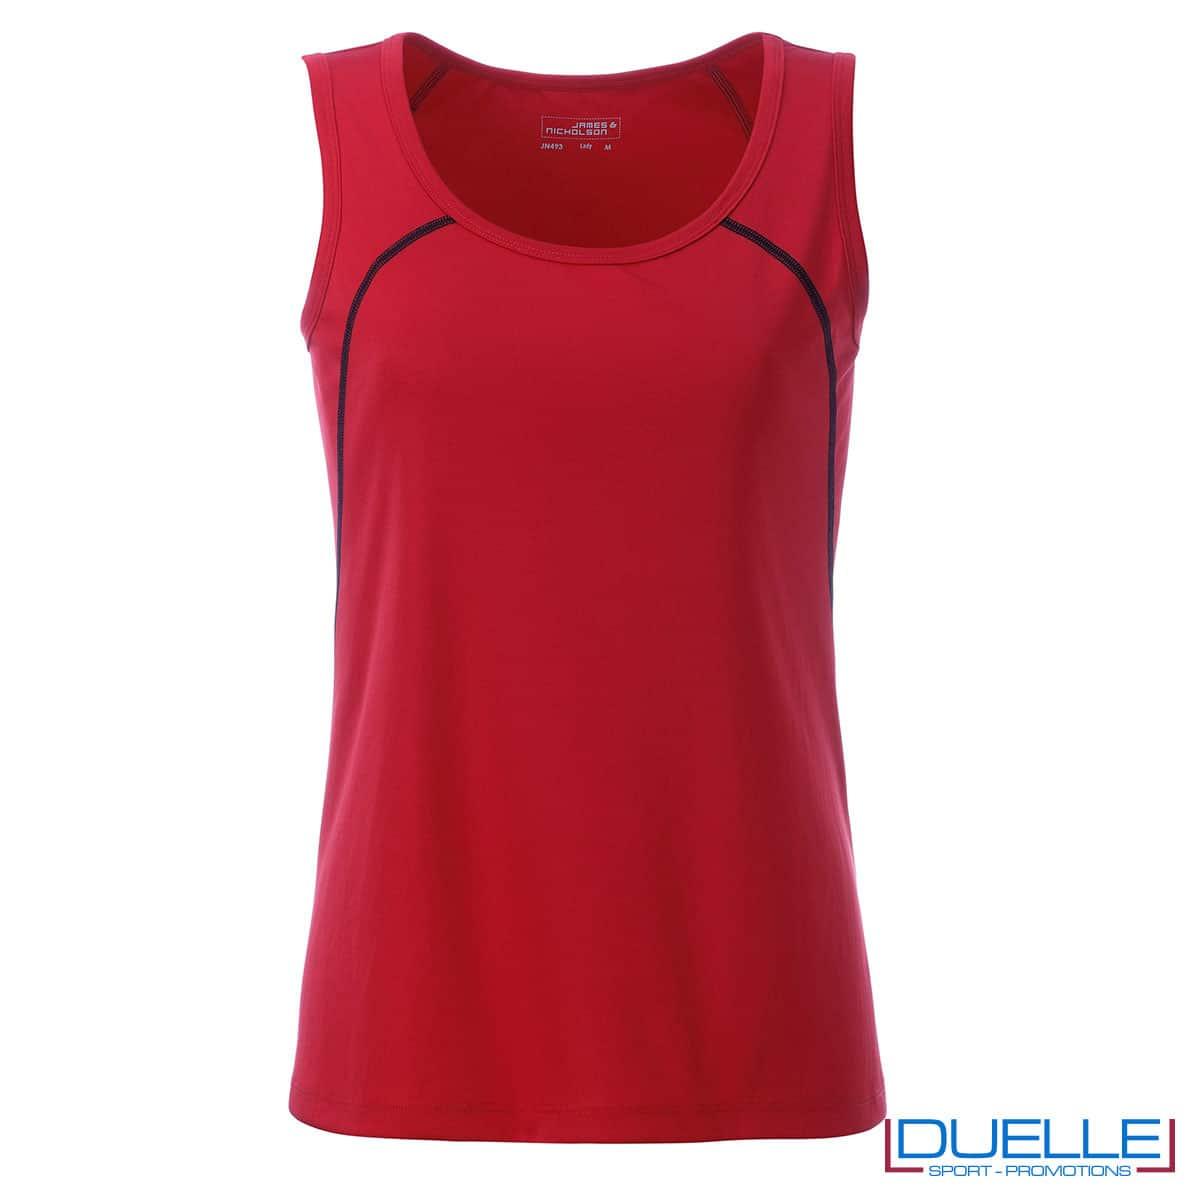 Maglia senza maniche donna rosso per sport